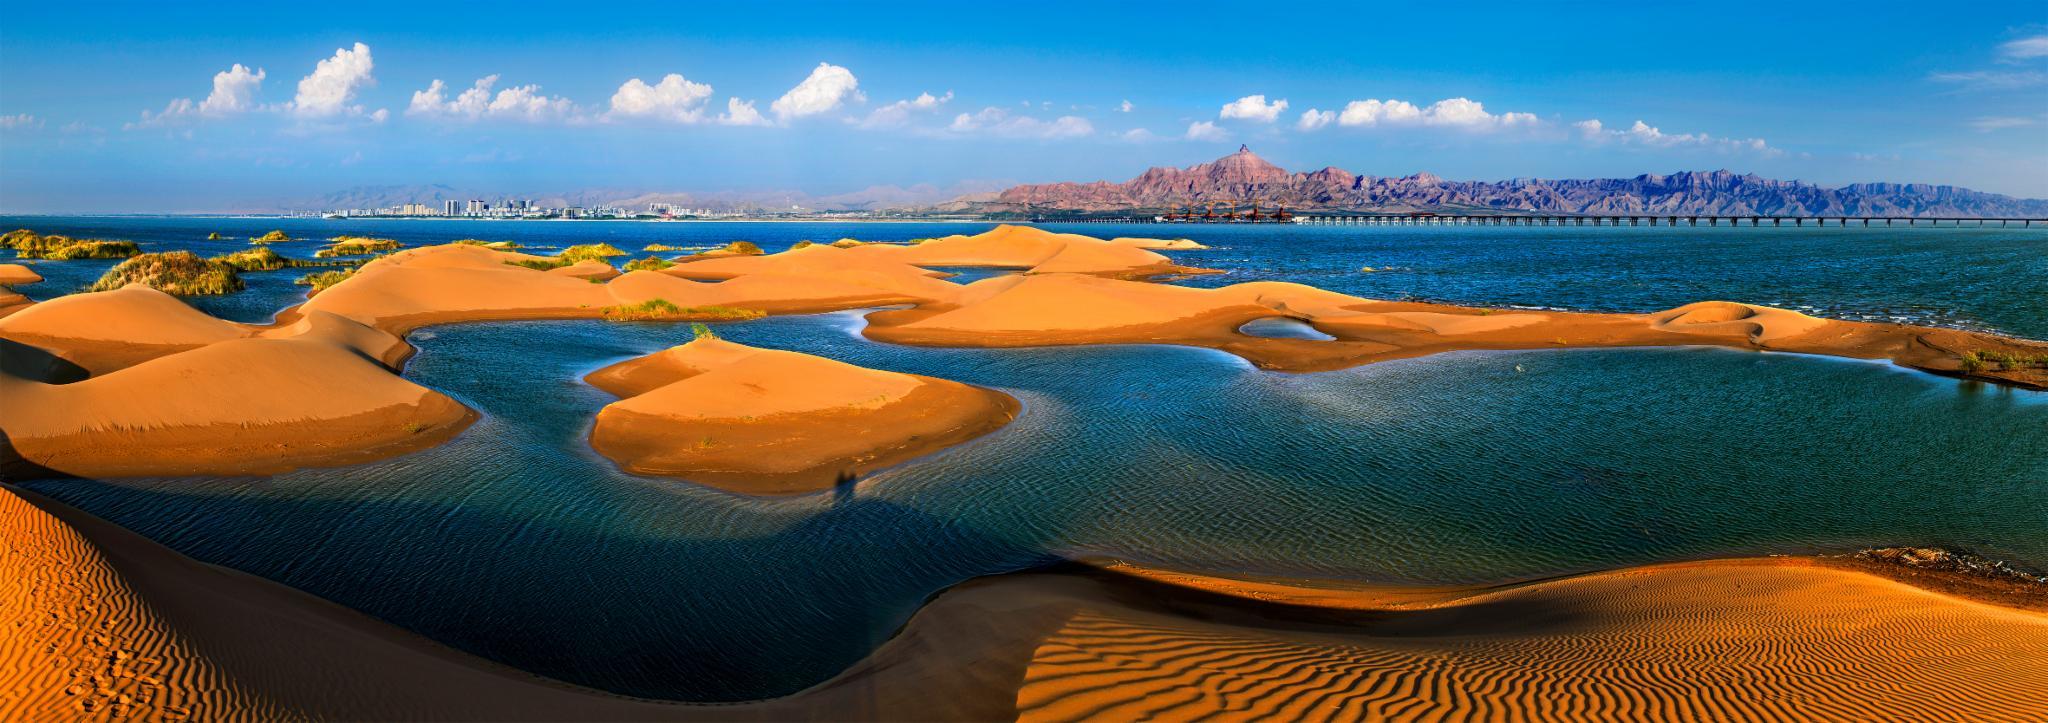 探秘沙海之城,开启奇妙的沙漠看海之旅